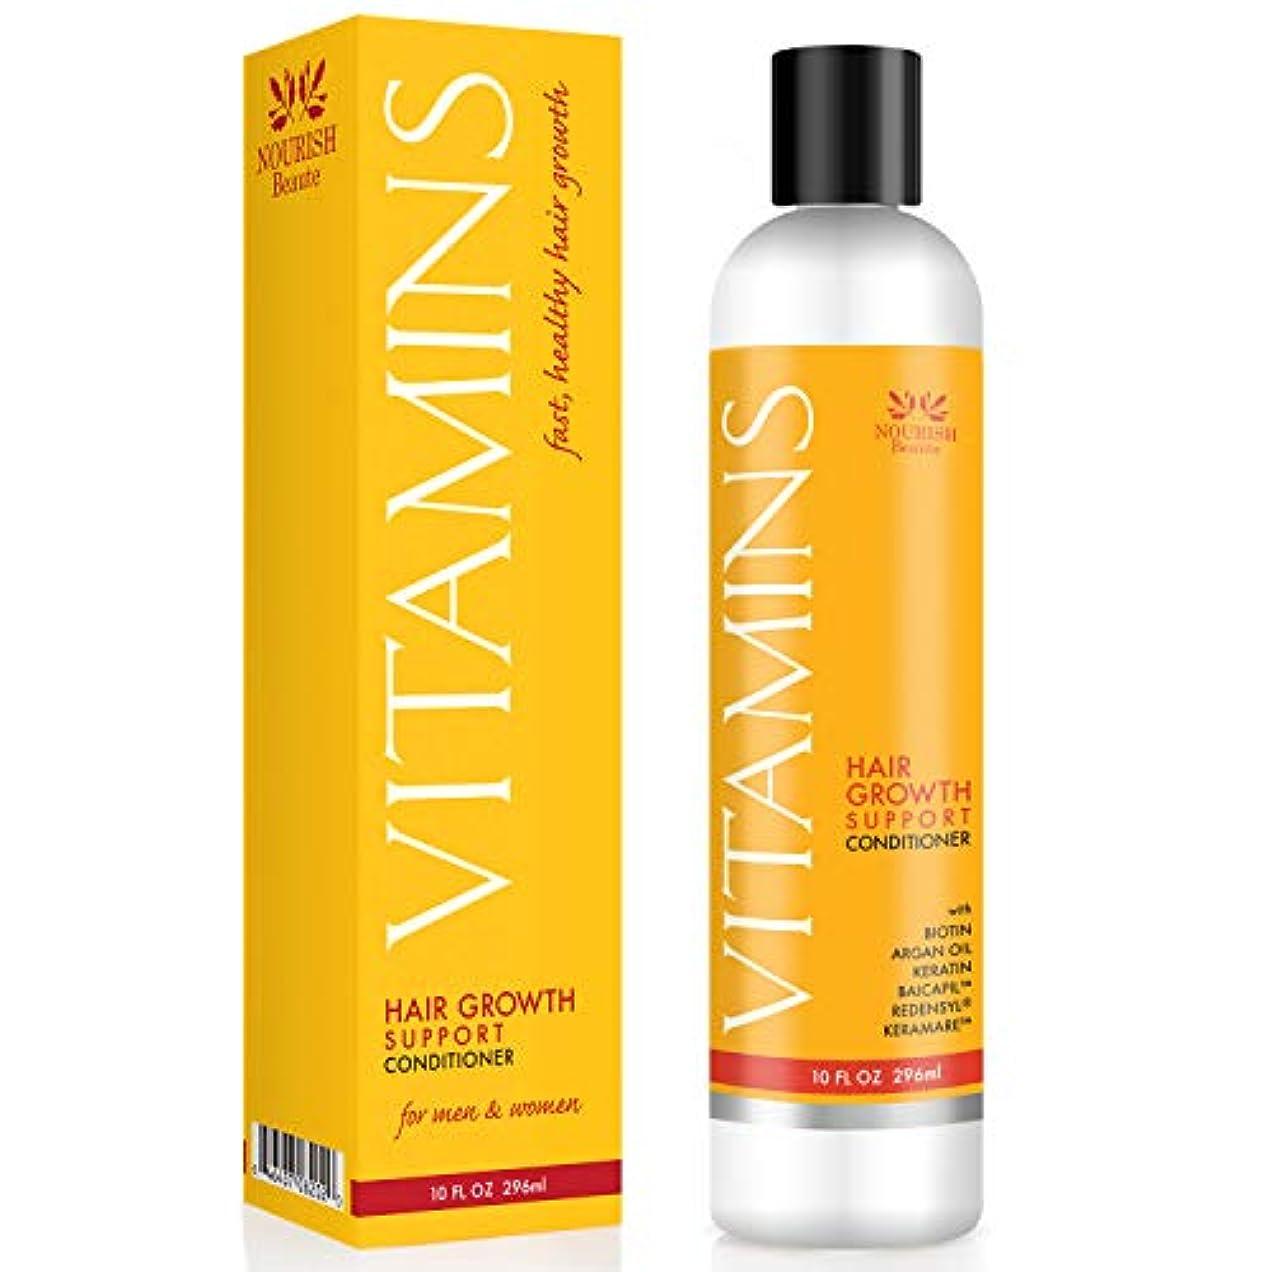 反対するヨーグルトマグVitamins - オーガニック 脱毛トリートメント コンディショナー Organic Hair Loss Treatment and Conditioner, 10 Ounce (296ml)